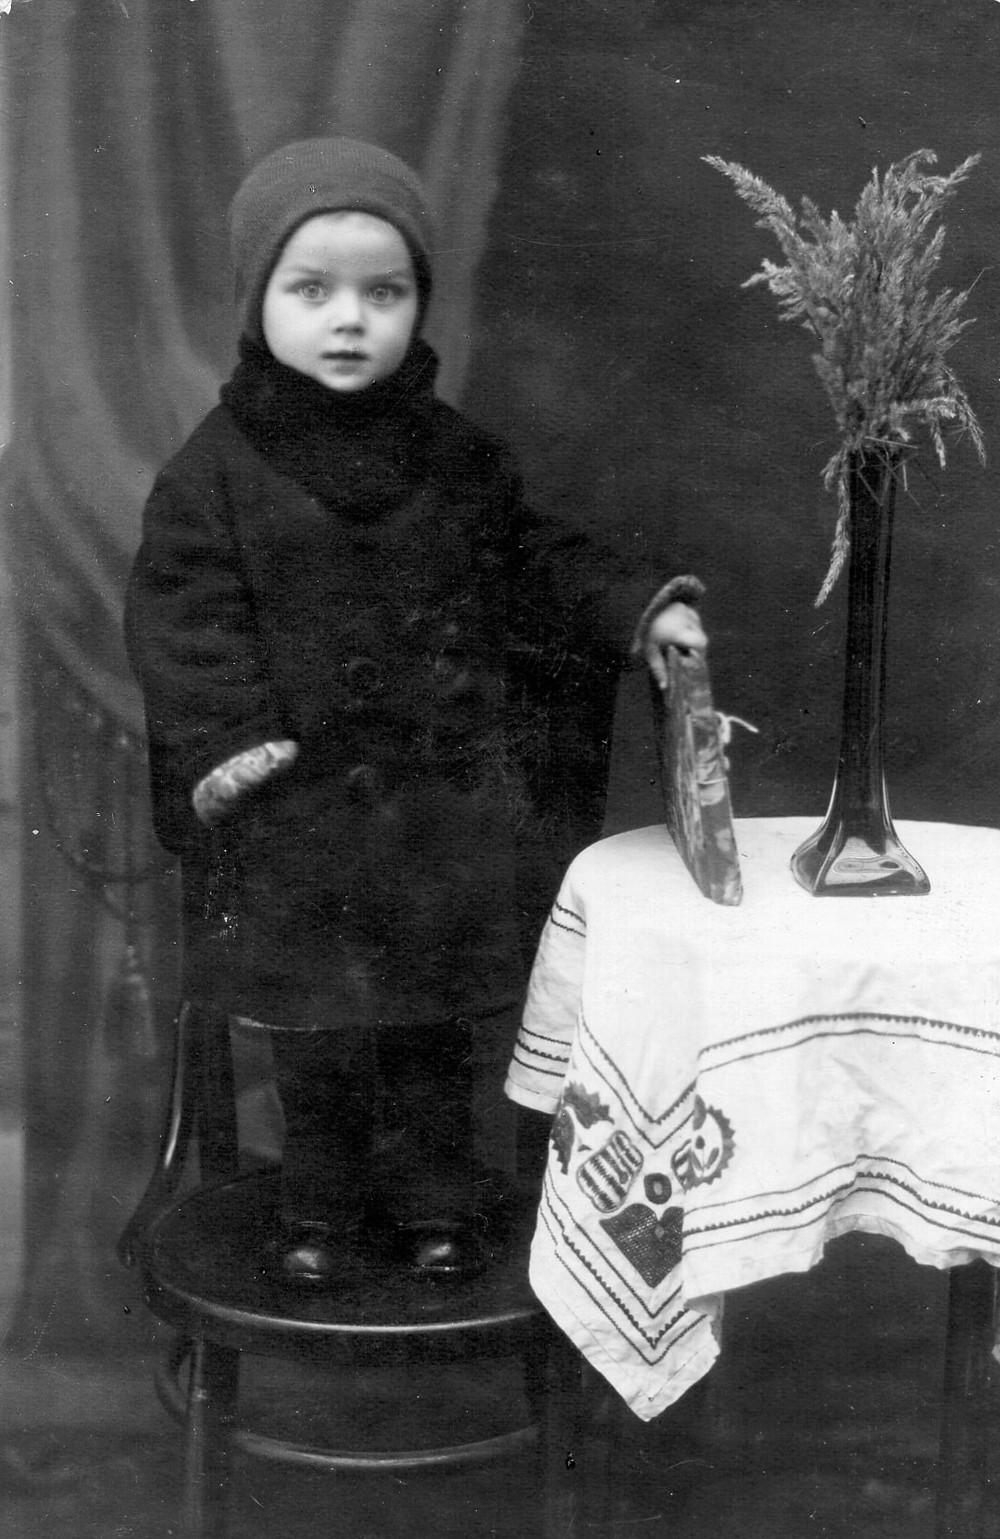 Nina, December 28, 1932